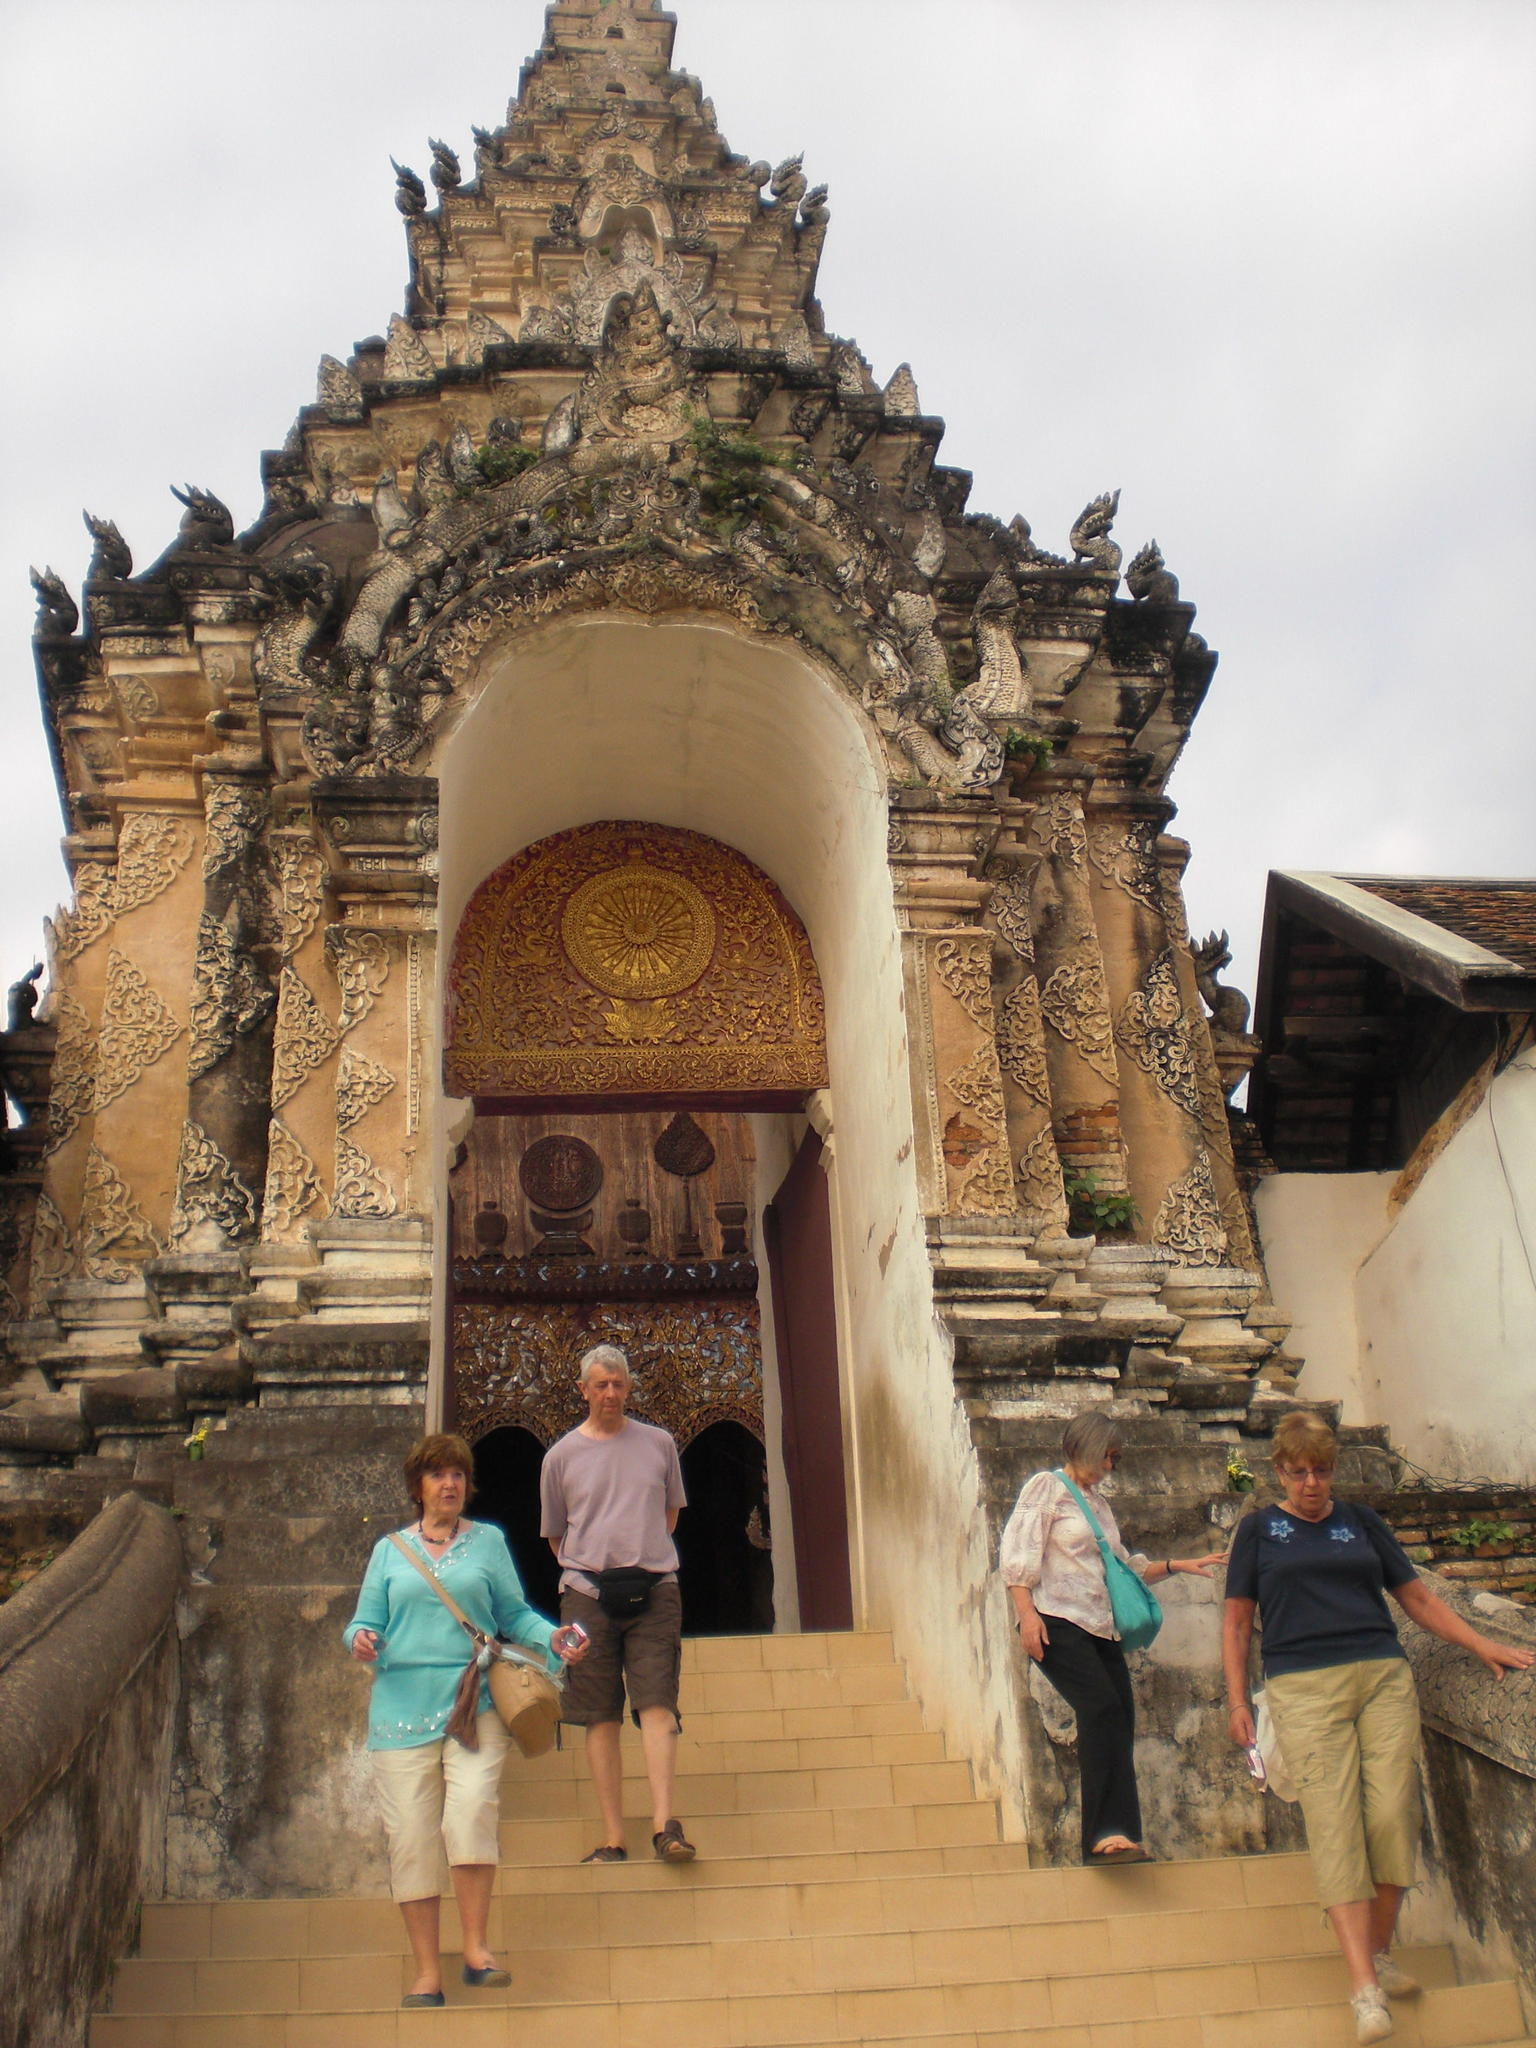 MÁS FOTOS, 6-Day Northern Thailand Tour: Ayutthaya, Sukhothai, Chiang Mai and Chiang Rai from Bangkok